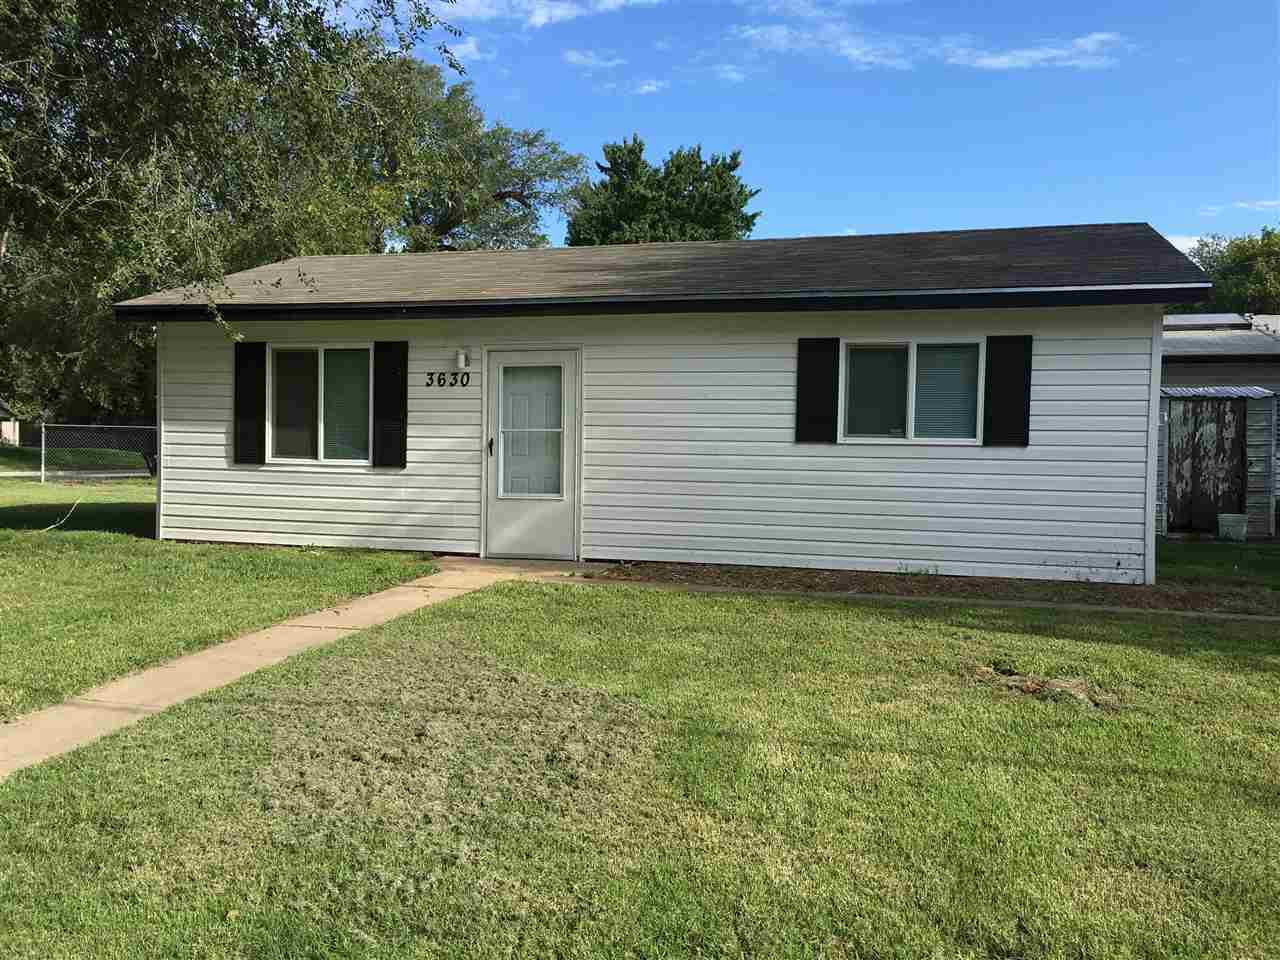 3630 W TAFT, Wichita, KS 67213